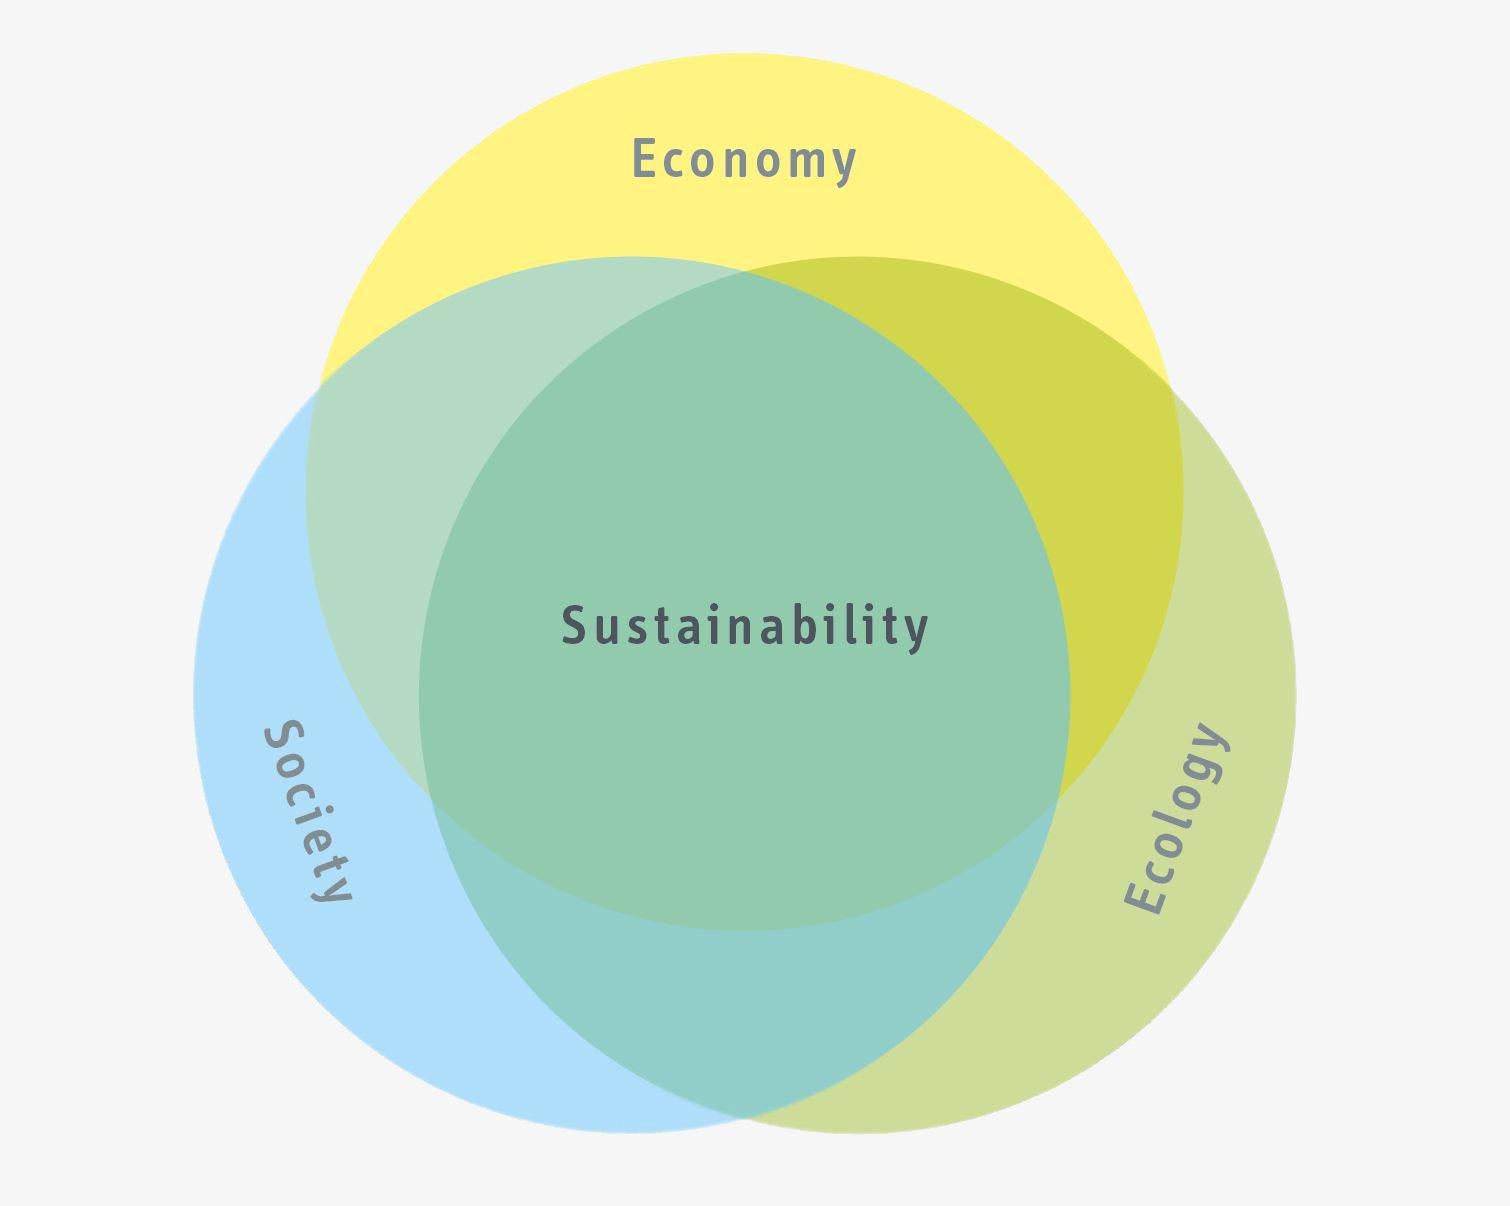 Venn Diagramm von Ökologie, Ökonomie und Soziale